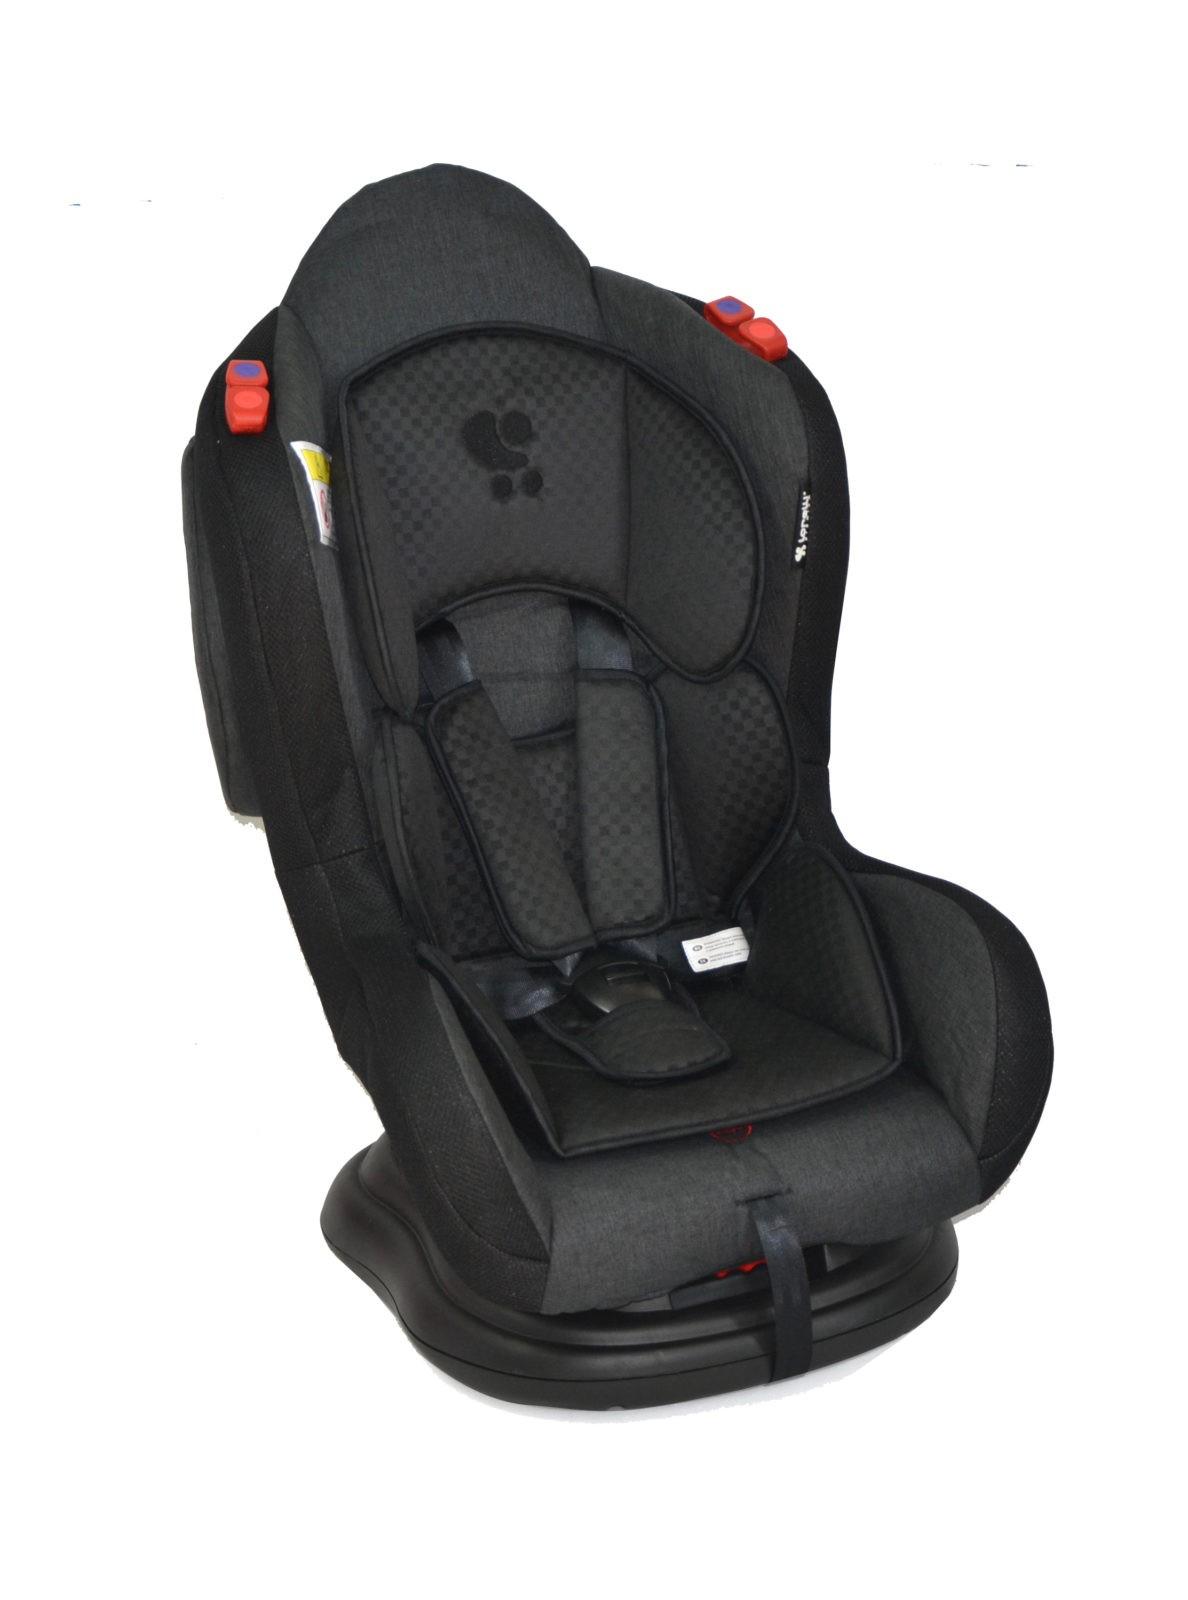 Κάθισμα αυτοκινήτου 0-25kg Lorelli JUPITER+SPS Black